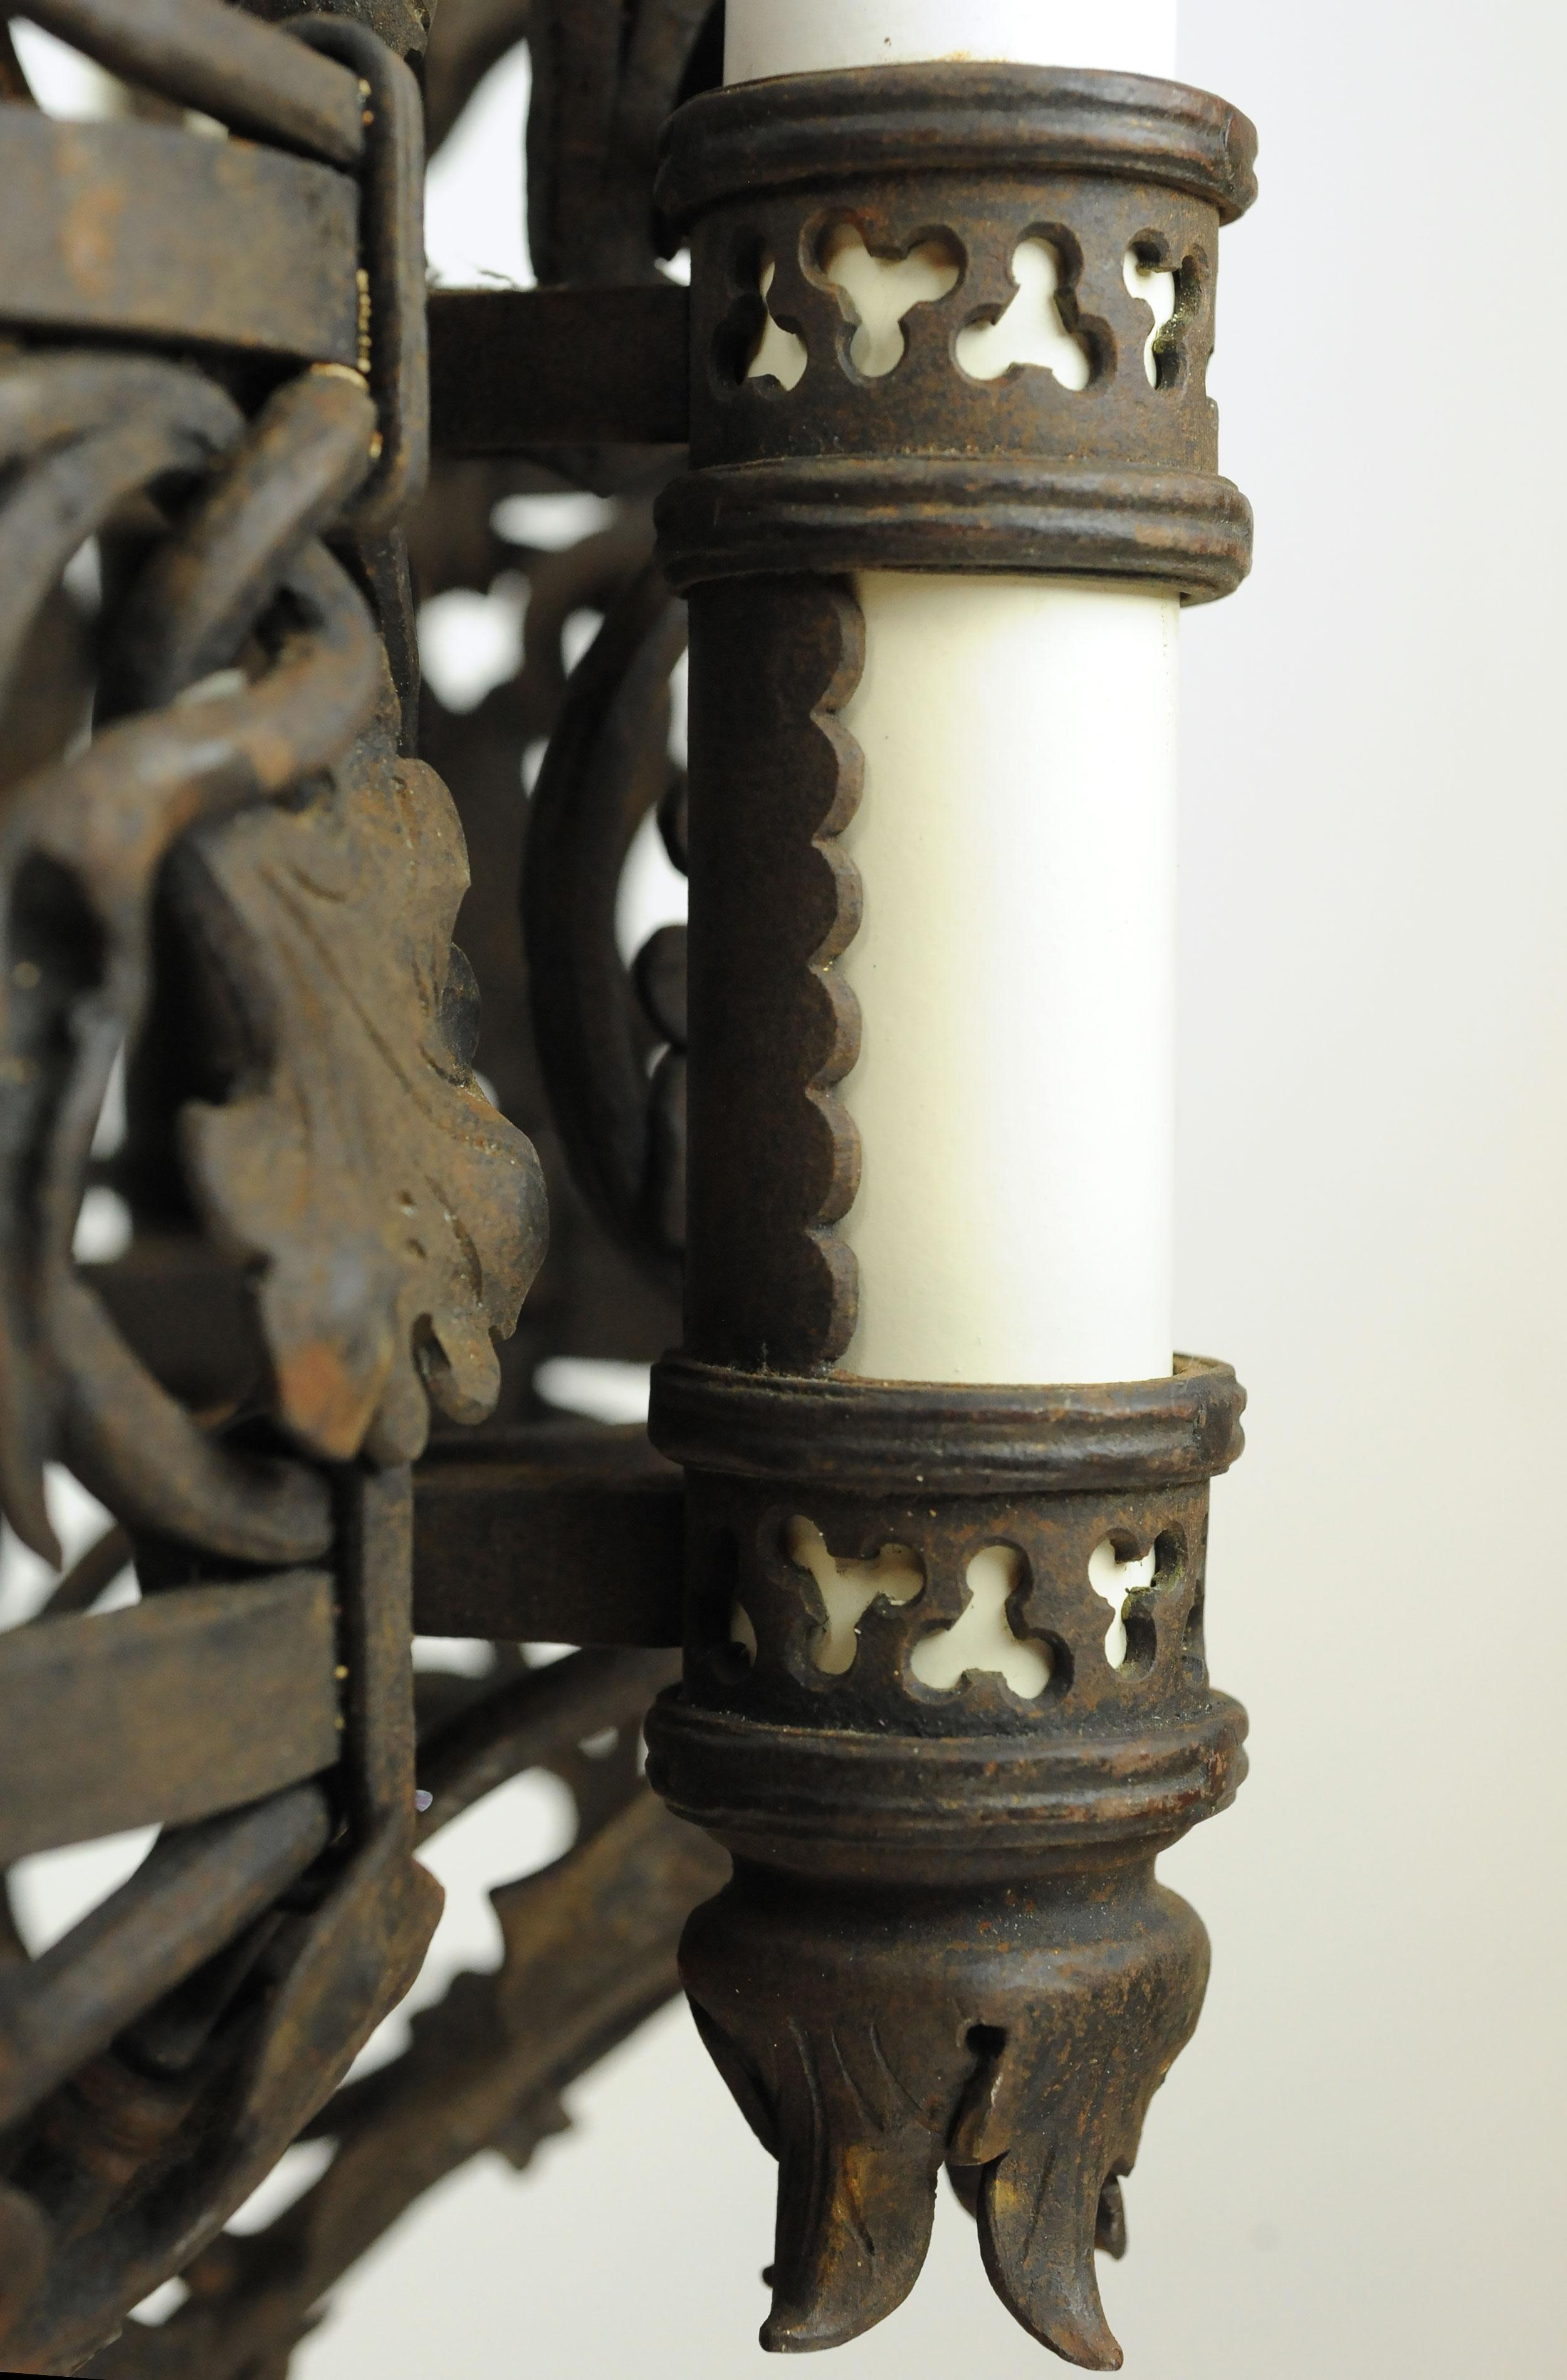 47170-tudor-4-arm-chandelier-candle-holder-detail.jpg